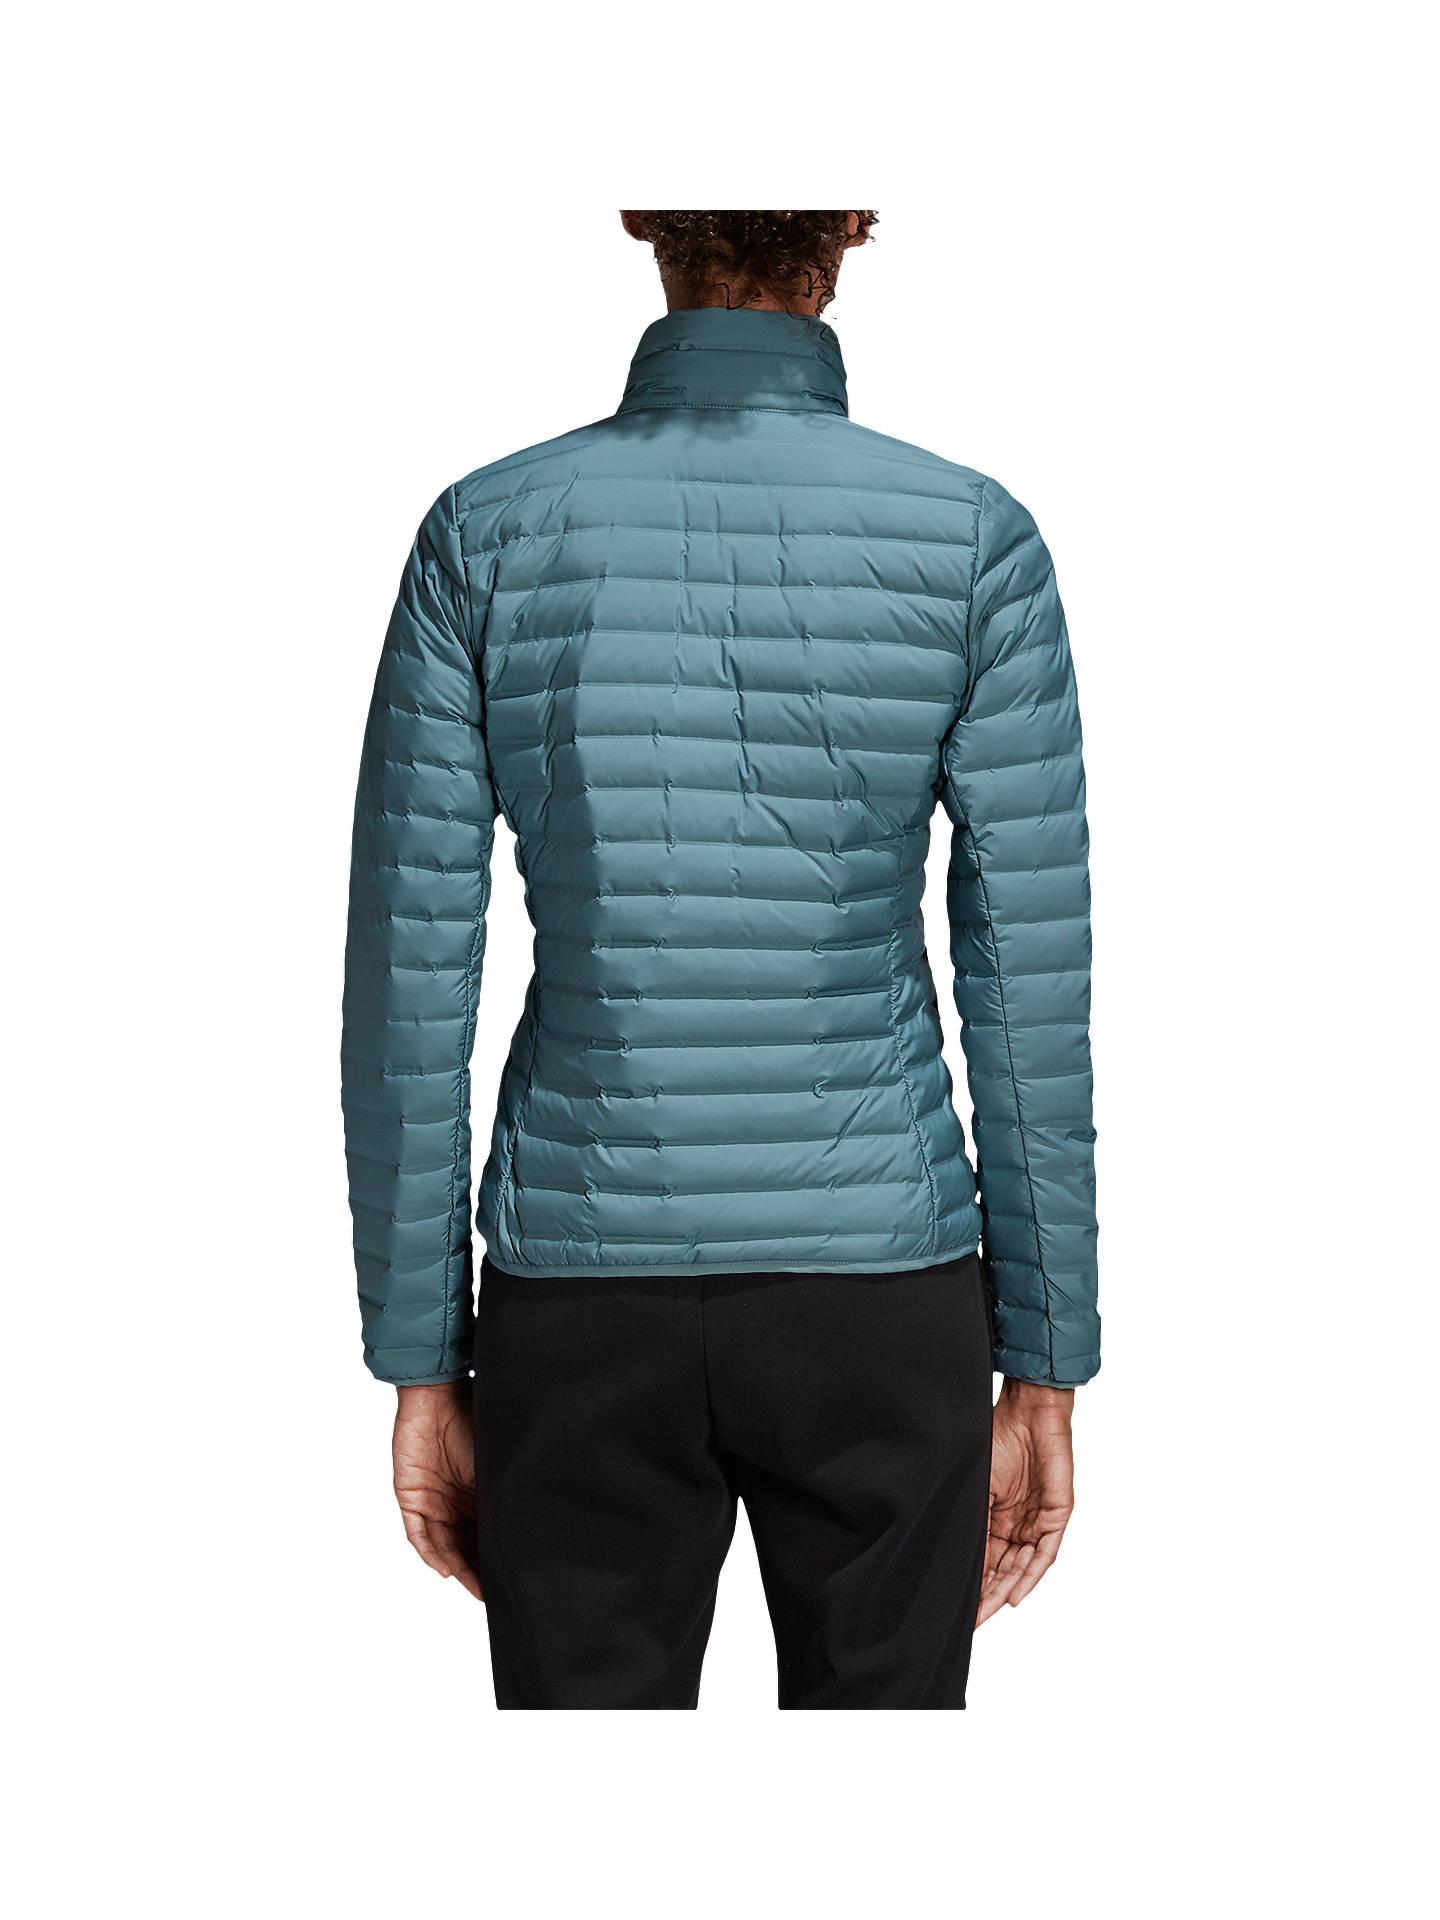 7df302637694 ... Buy adidas Varilite Down Long Sleeve Puffer Women s Jacket